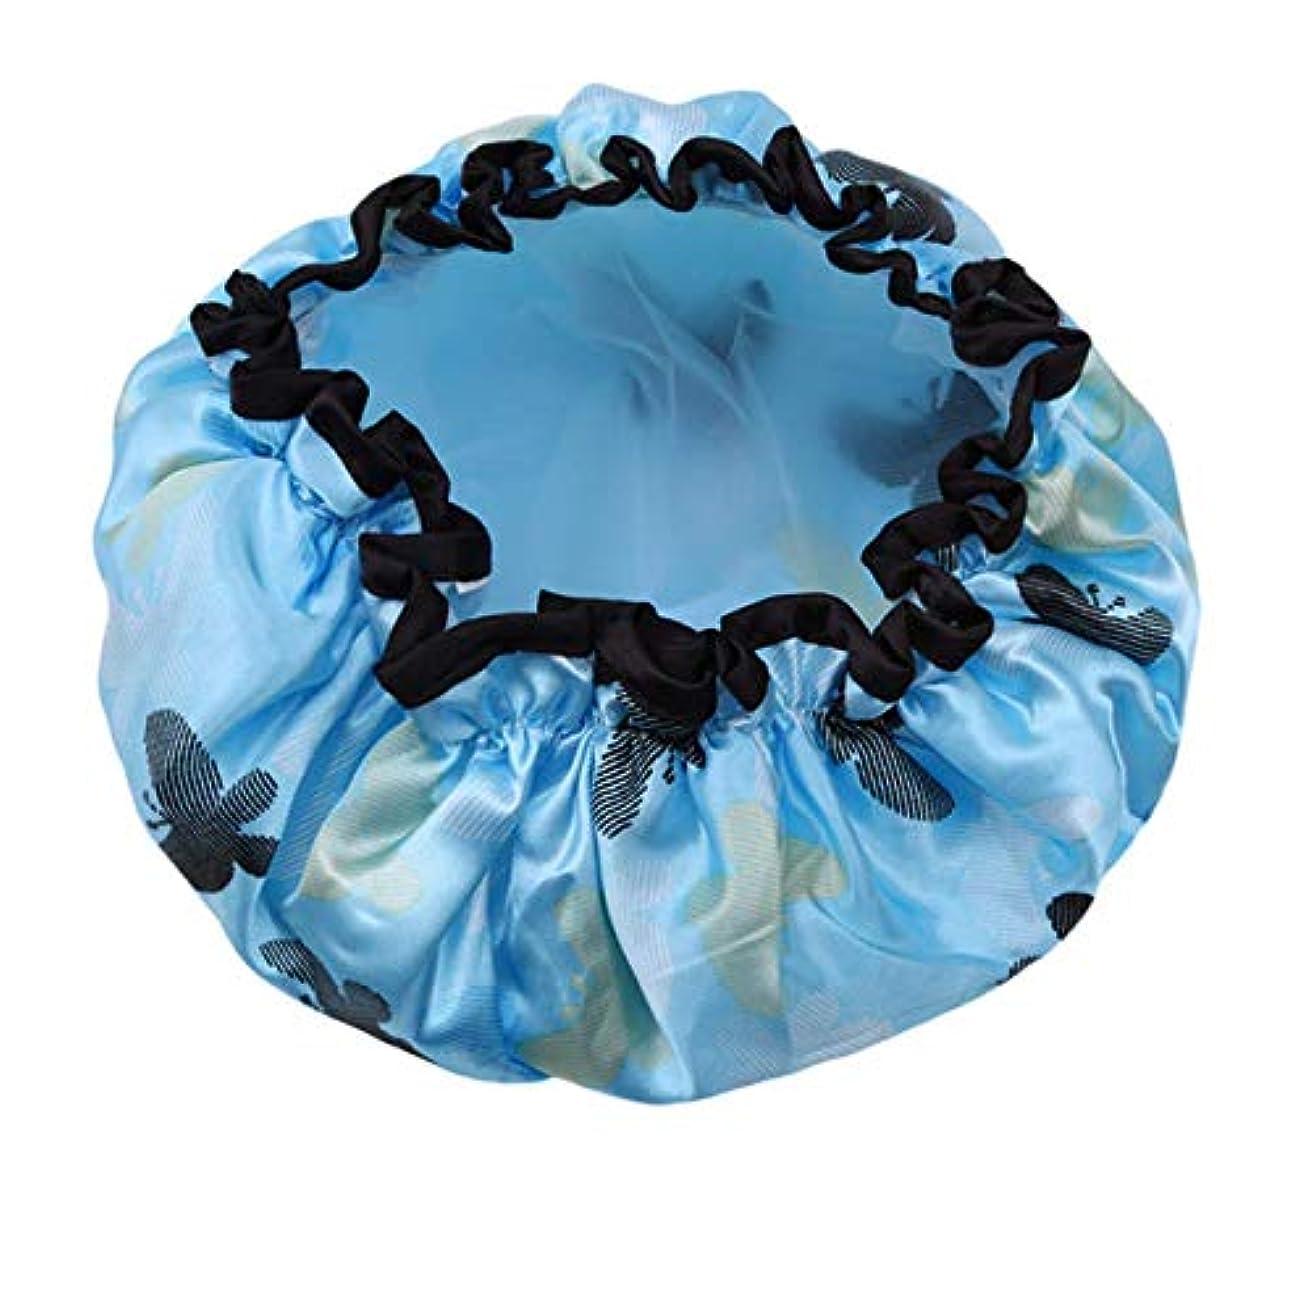 感嘆経過干渉する1st market プレミアム二層バスキャップエラスティックバンドシャワー帽子防水女性用シャワースパスタイル3